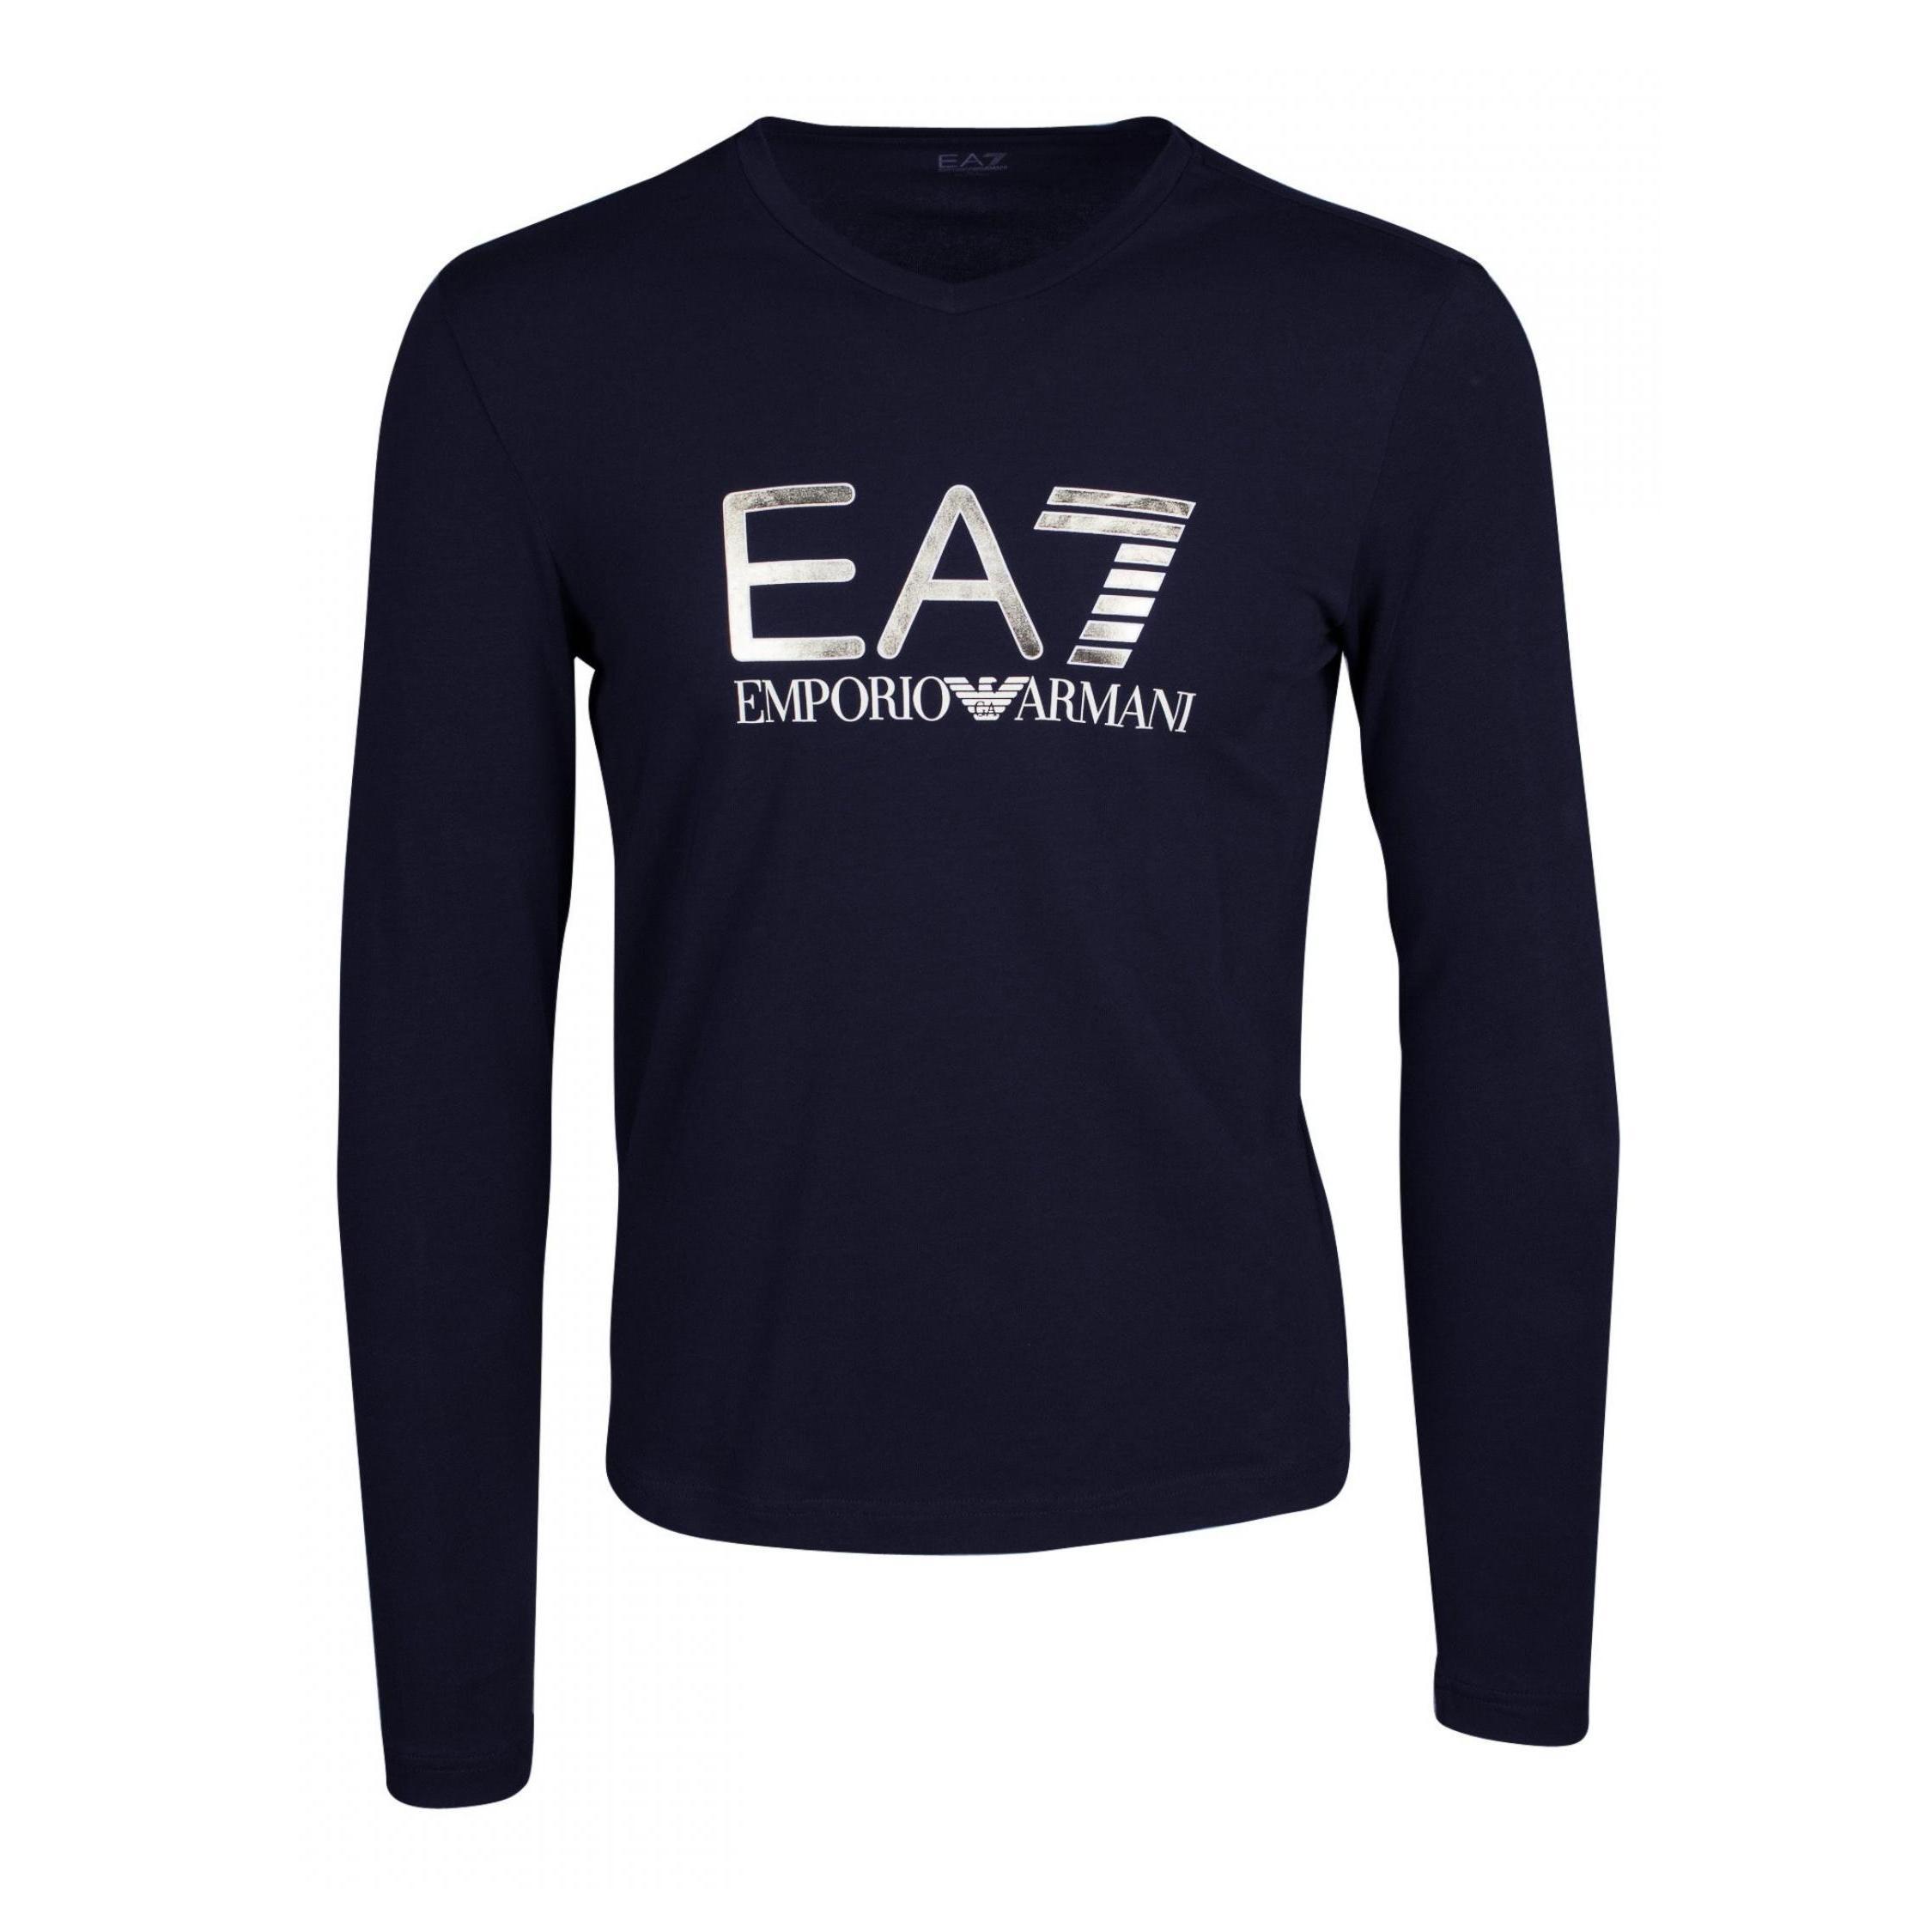 Купить Футболка с длинным рукавом для активного отдыха EA7 Emporio Armani 2017-18 TRAIN VISIBILITY M TEE VN LS ST NIGHT BLUE, Одежда туристическая, 1369855